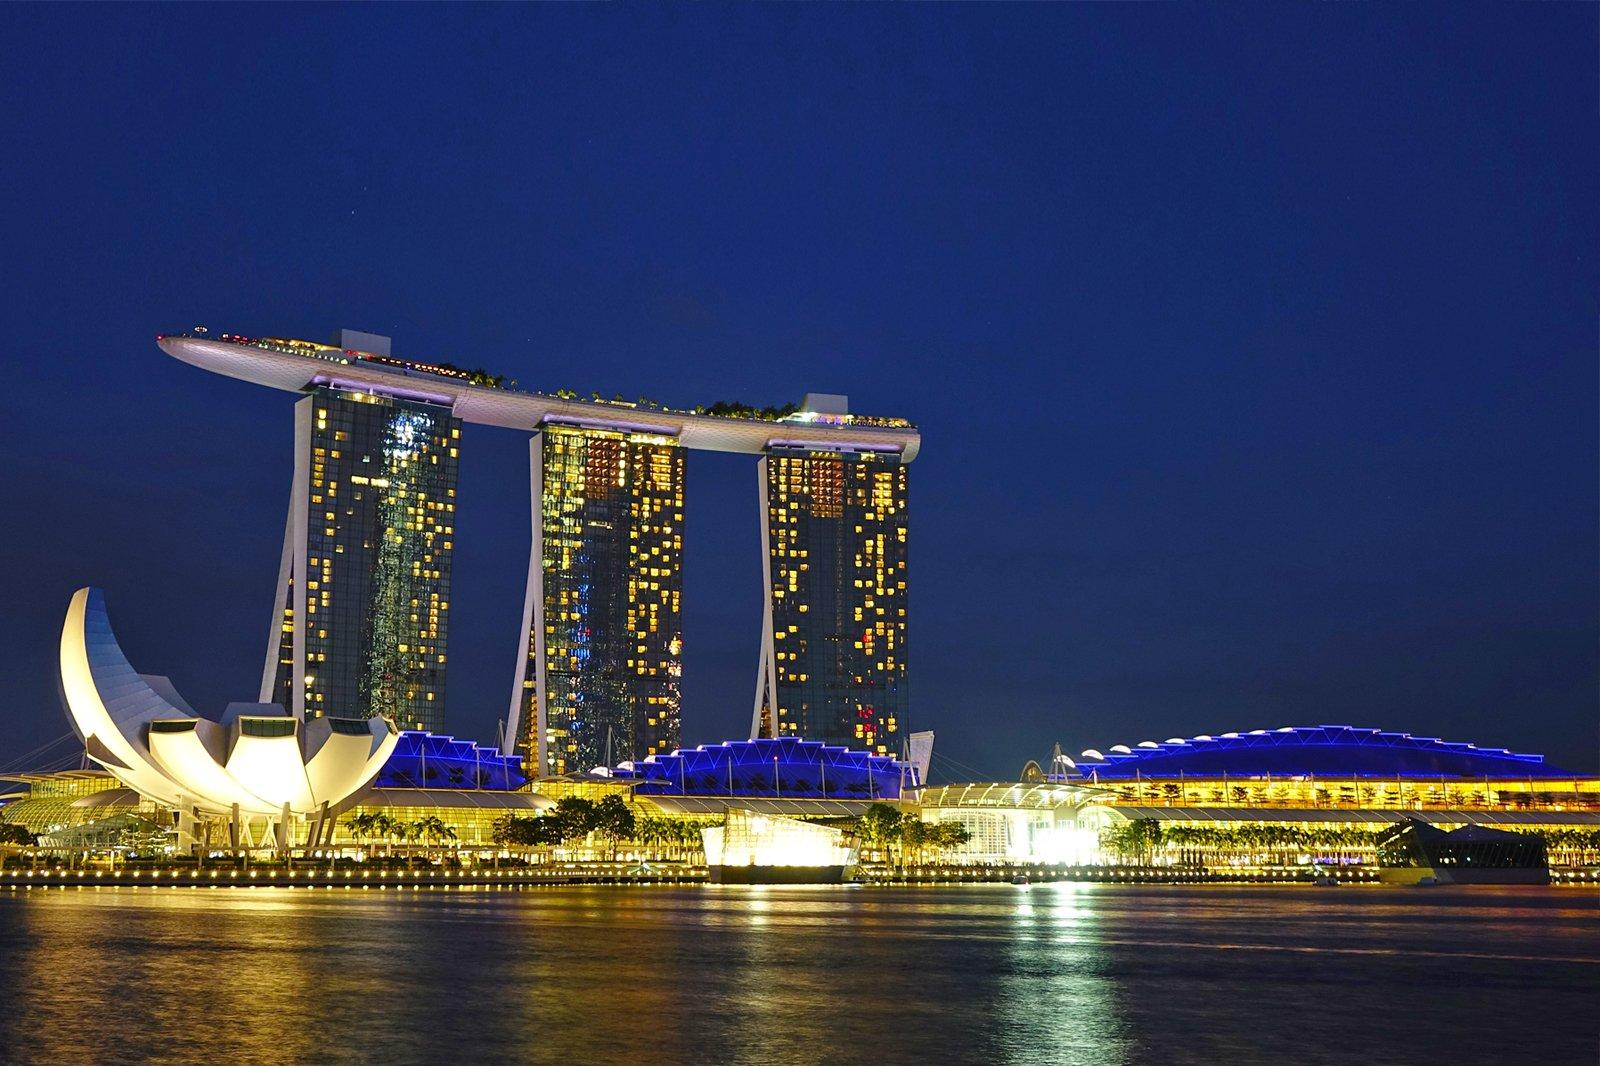 Казино в сингапуре marina bay sands деньги в казино кроссворд